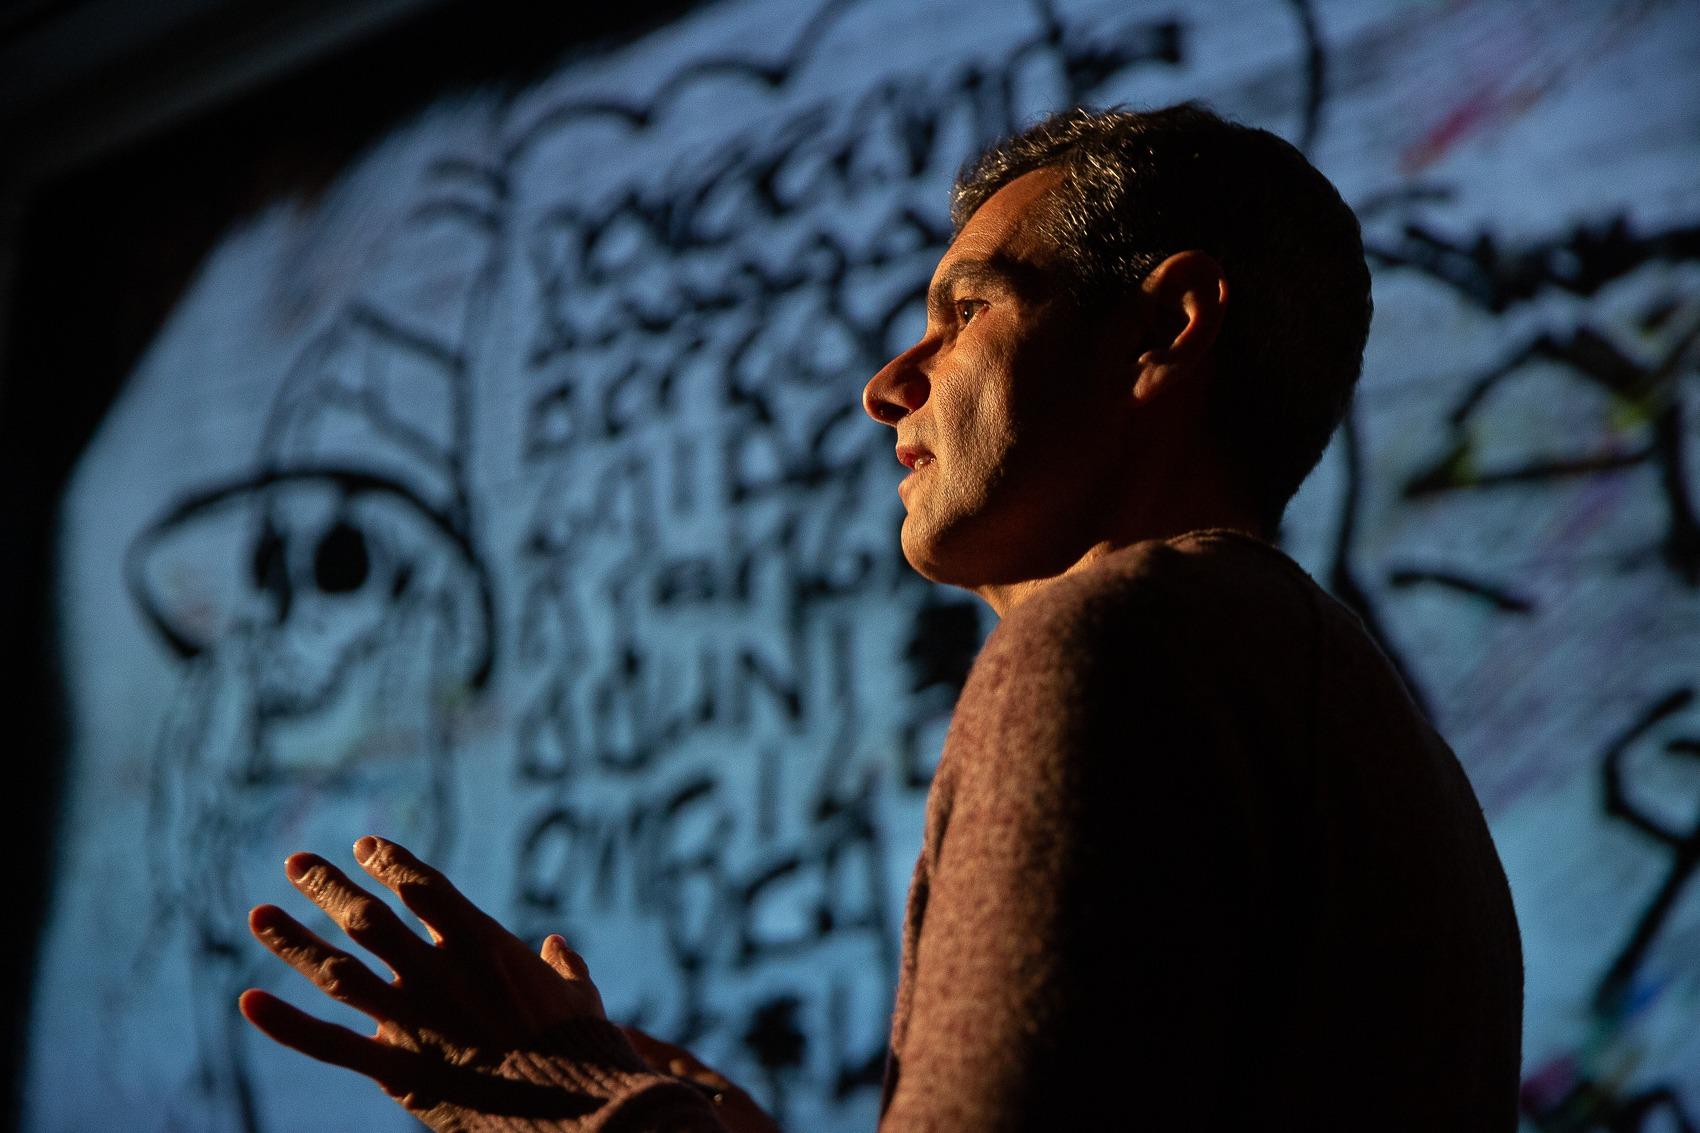 Fotografia de António Jorge Gonçalves de perfil em cena no espectáculo Válvula.